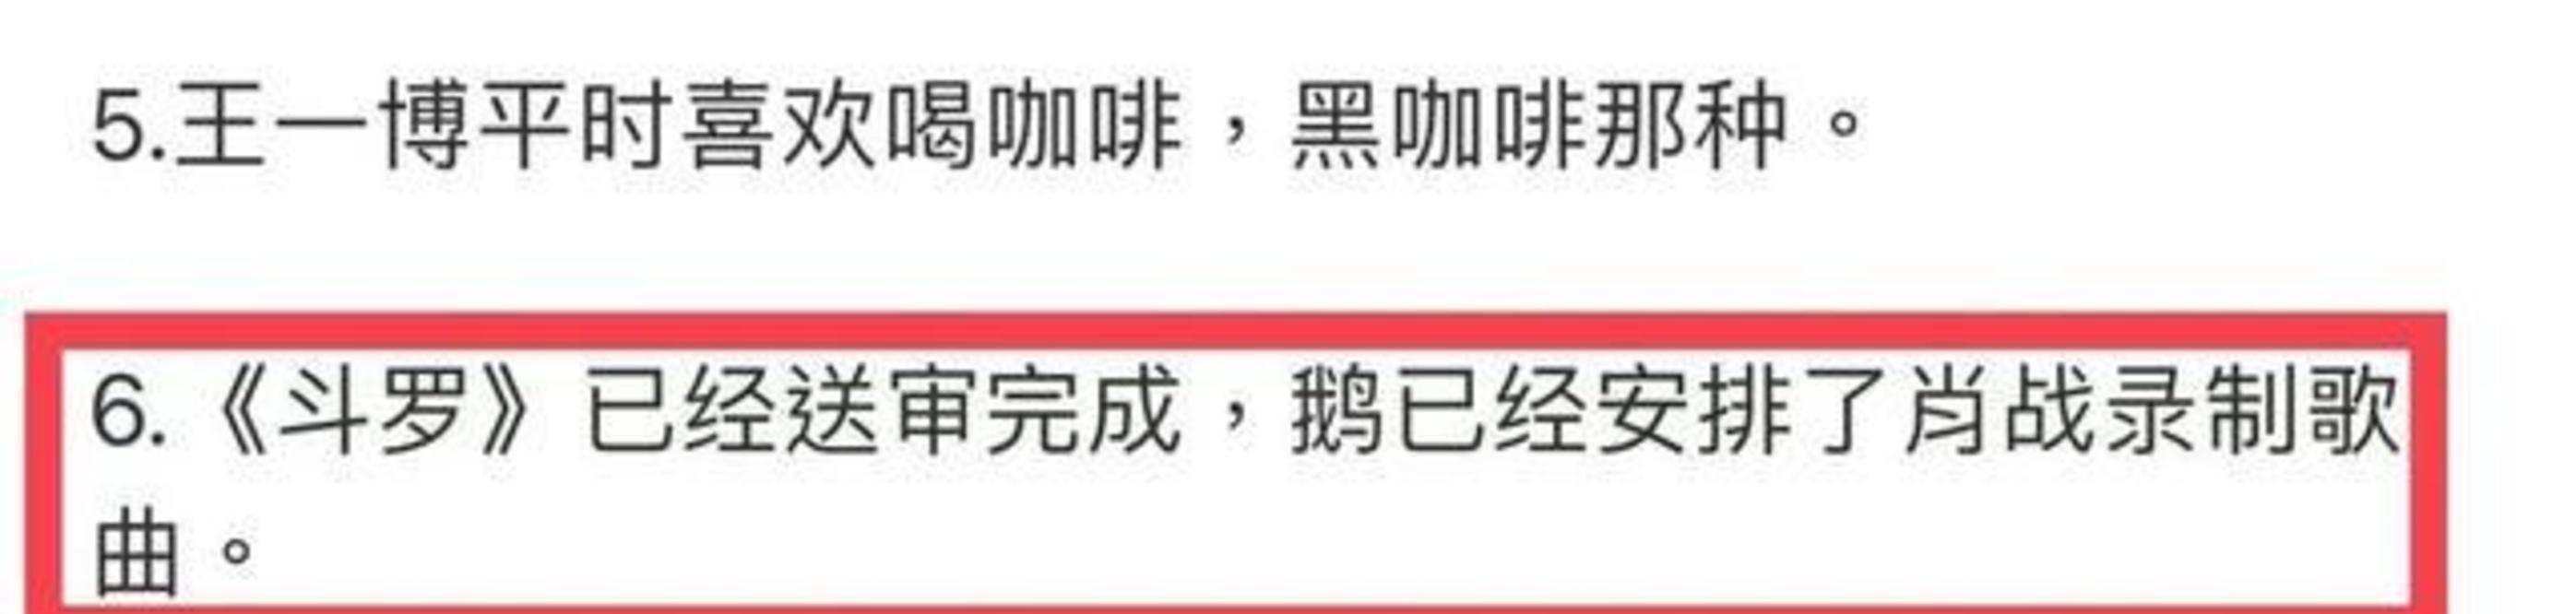 """《斗罗大陆》""""好消息""""!肖战""""新瓜""""等揭秘,网友:希望如愿!"""